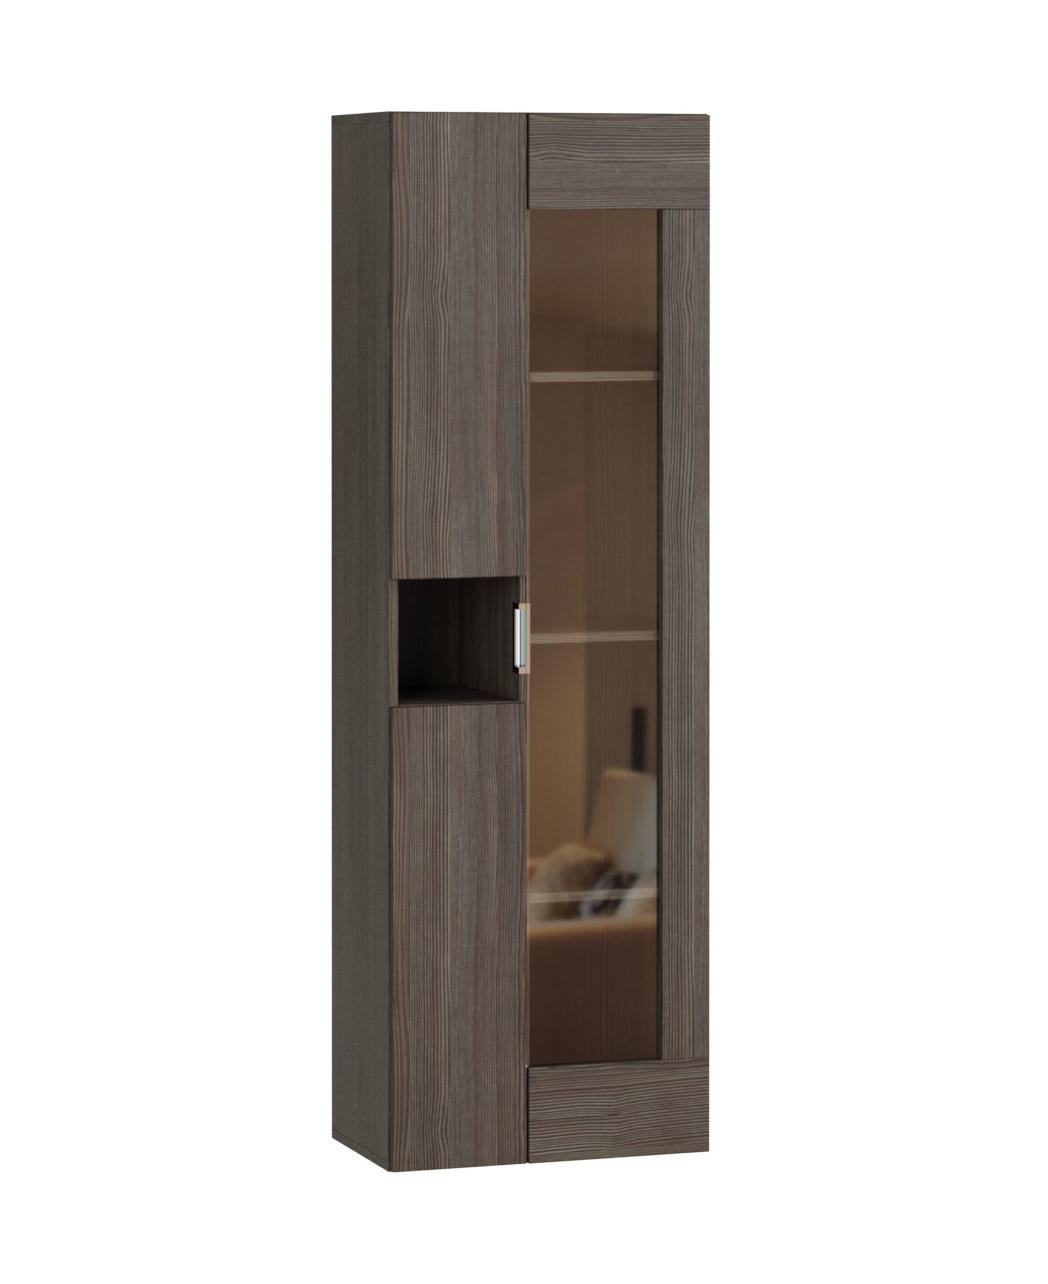 Шкаф-витрина Ультра шкаф витрина мебель смоленск шк 07